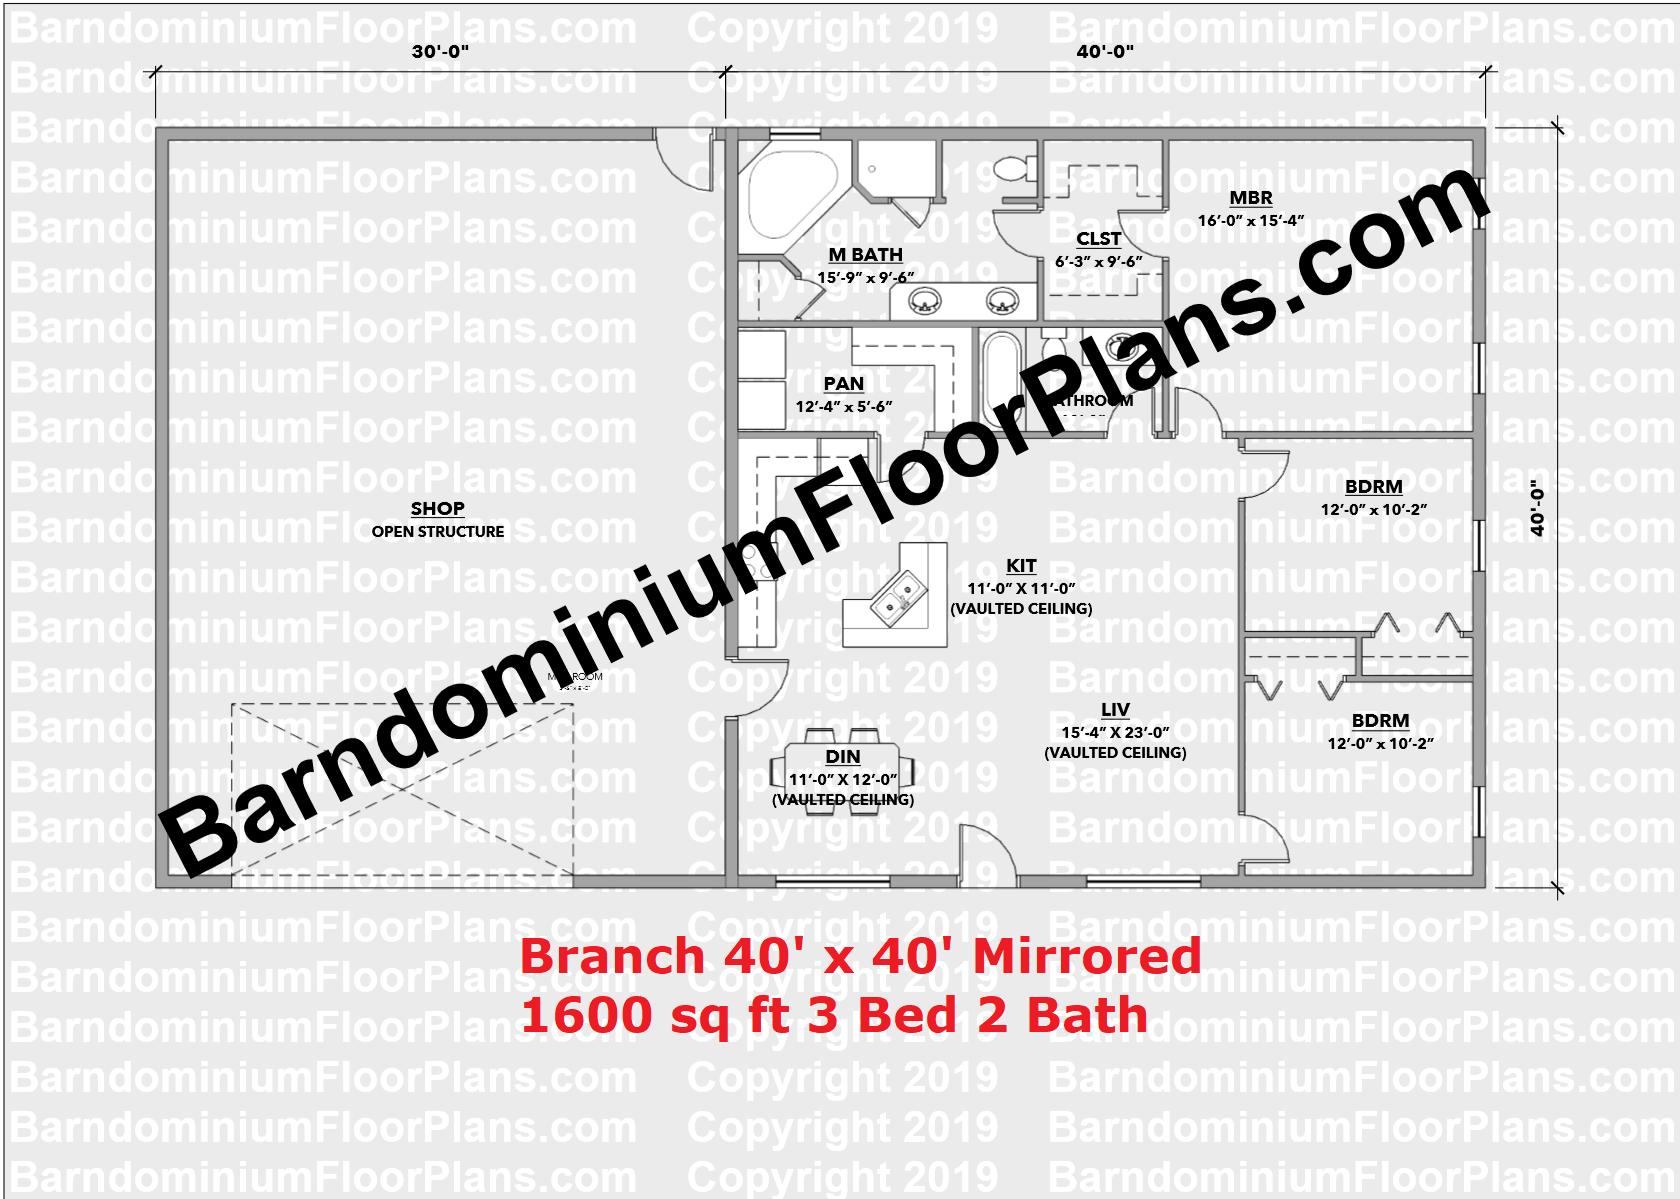 Branch V2 Mirrored Barndominium Floor Plan 3 Bedroom 1600 sq ft